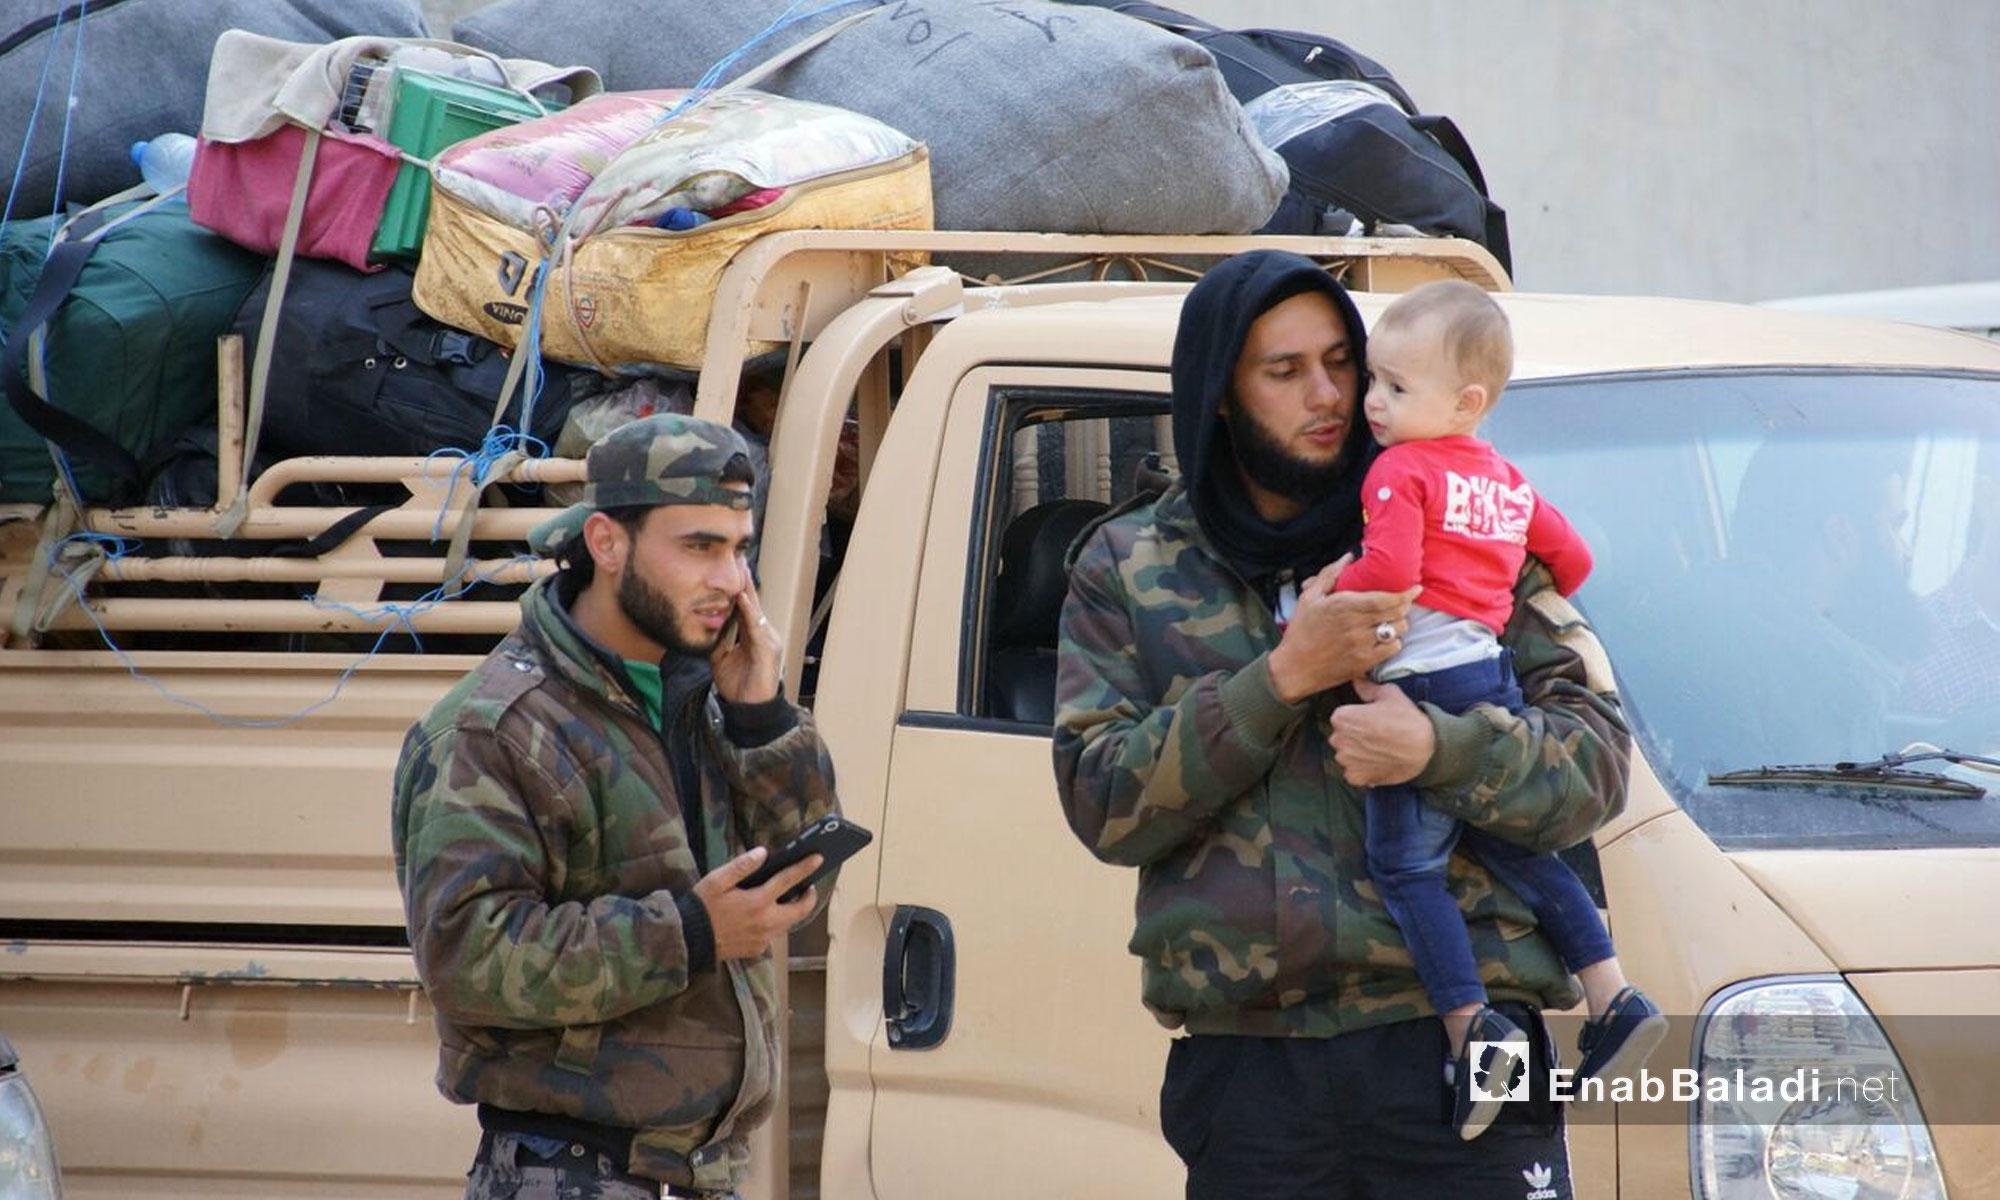 مهجرو ريف حمص لحظة وصولهم إلى قلعة المضيق في ريف حماة - 10 أيار 2018 (عنب بلدي)